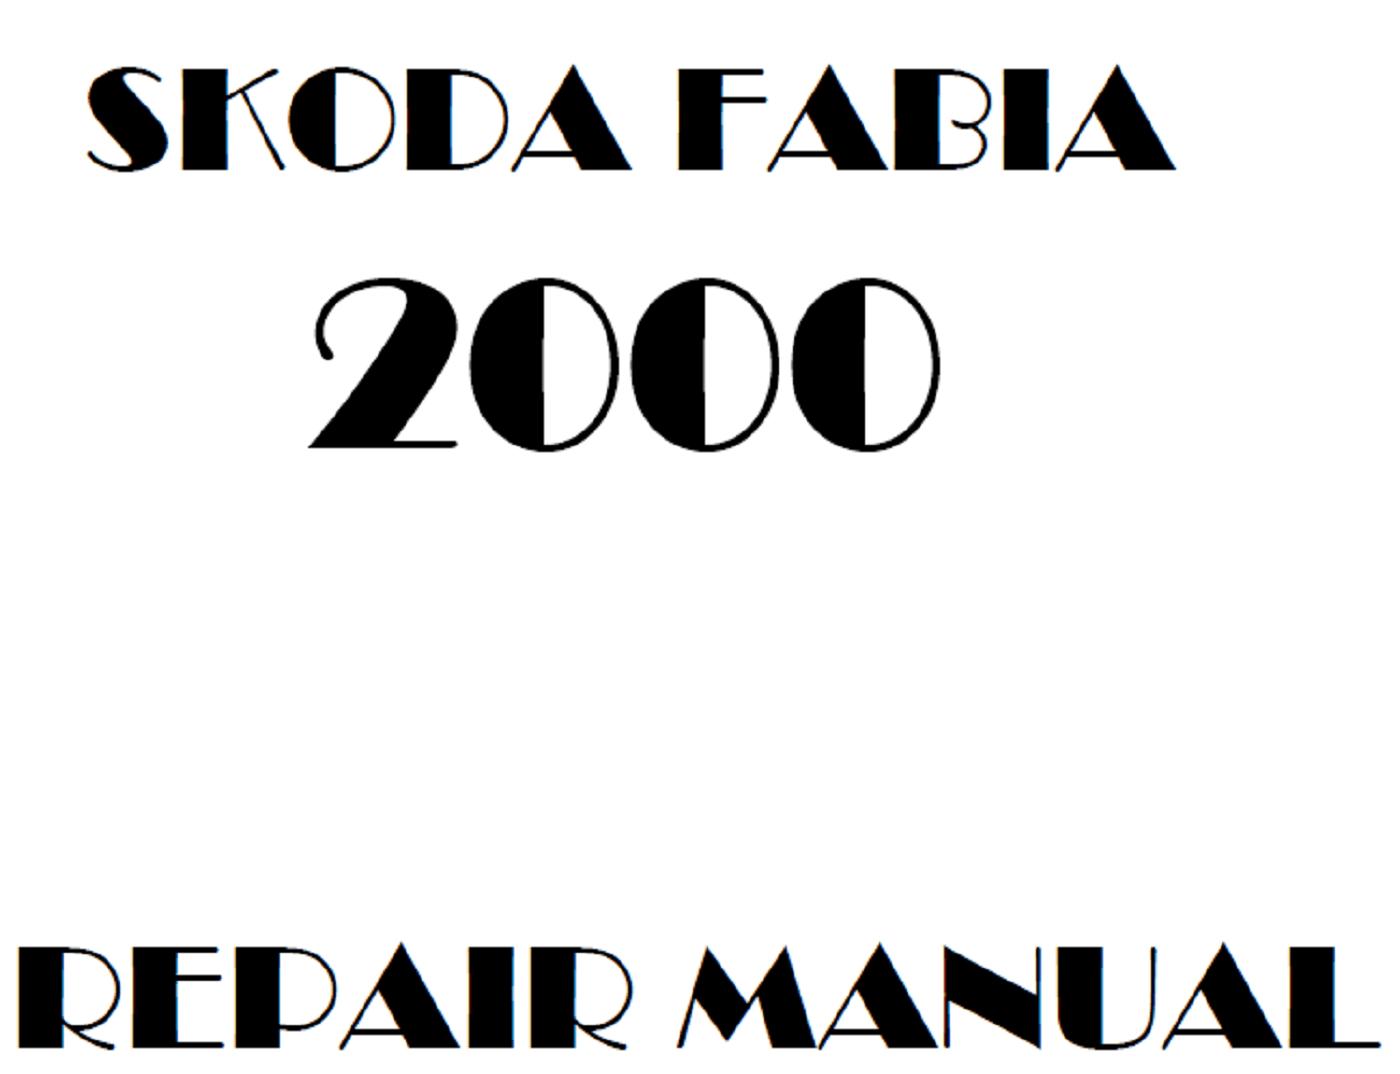 2000 Skoda Fabia repair manual